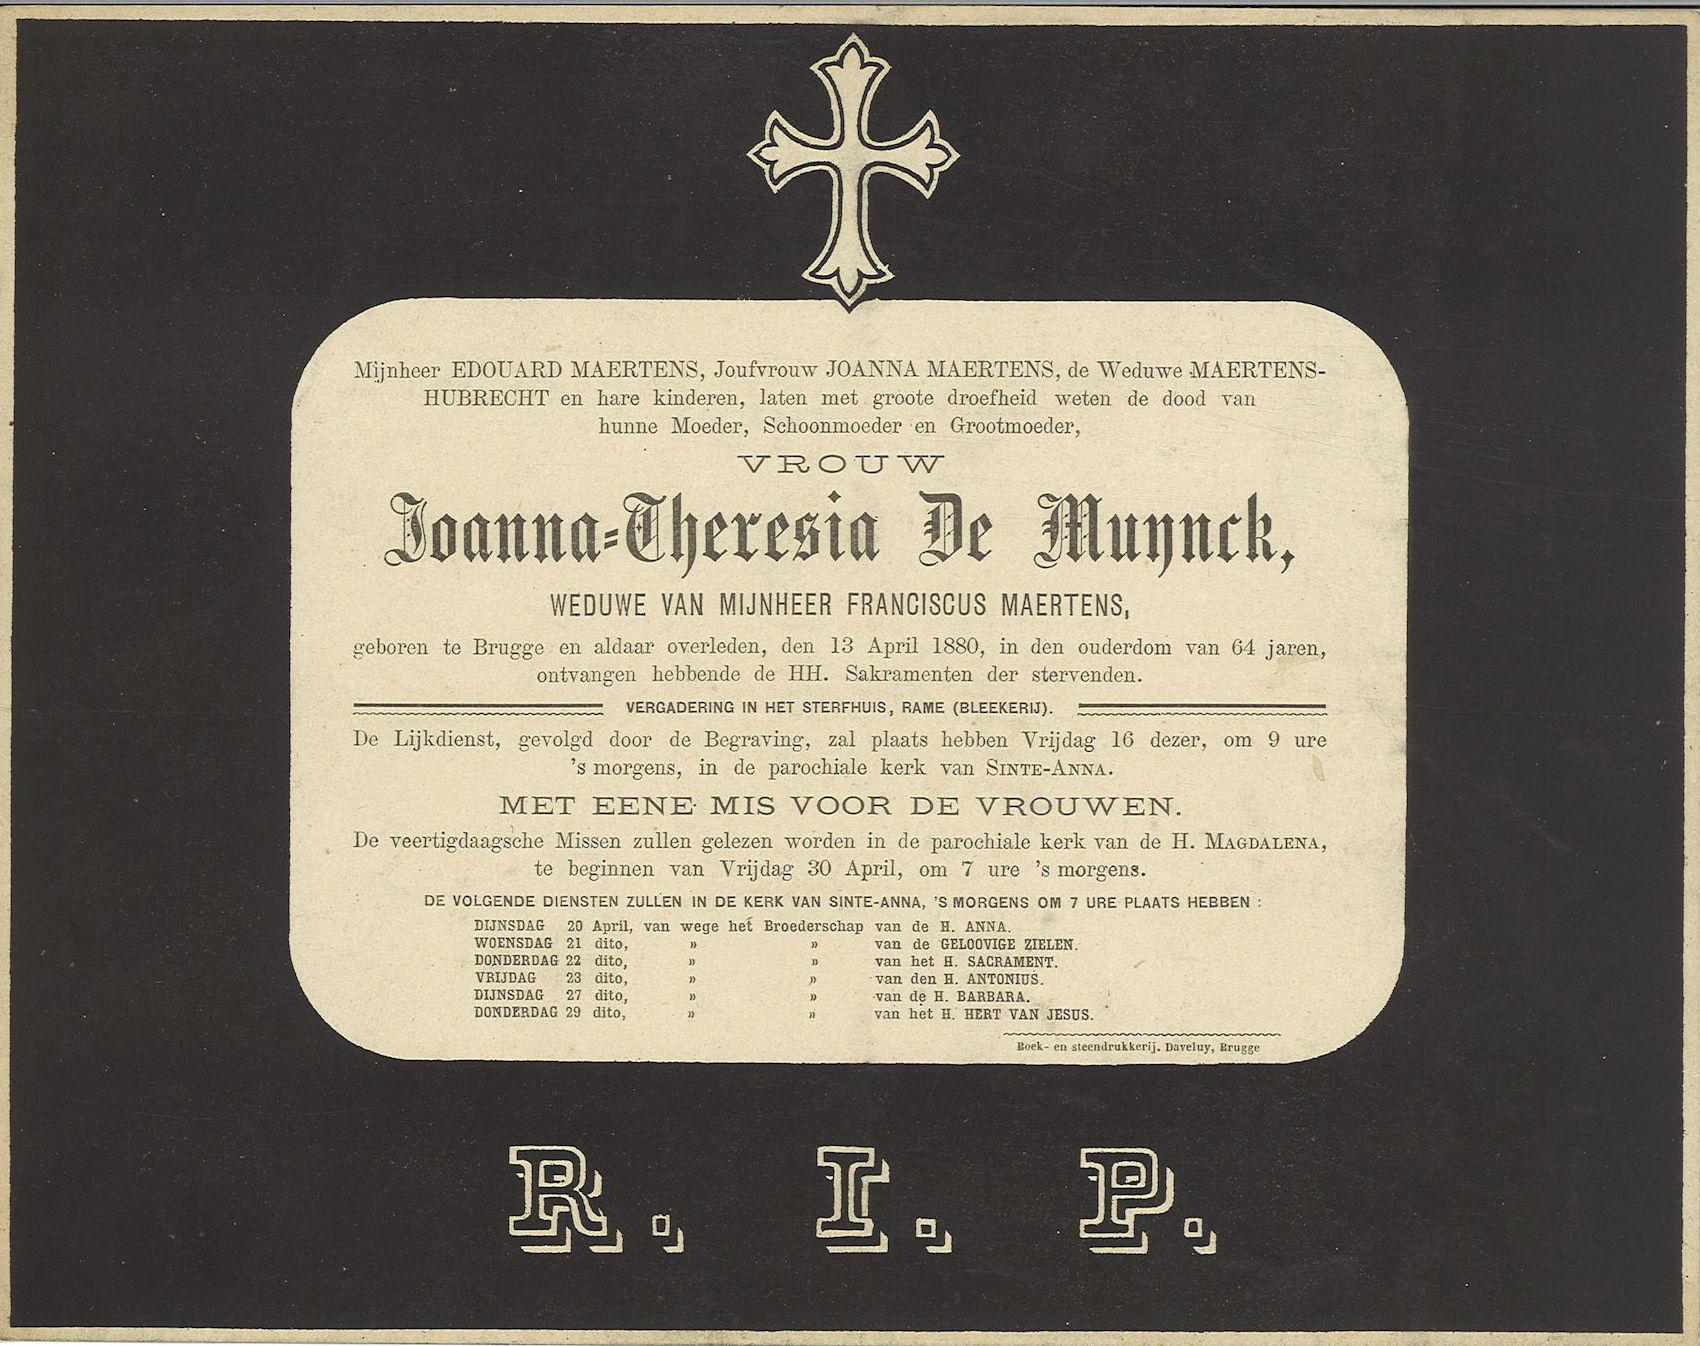 Joanna-Theresia De Muynck